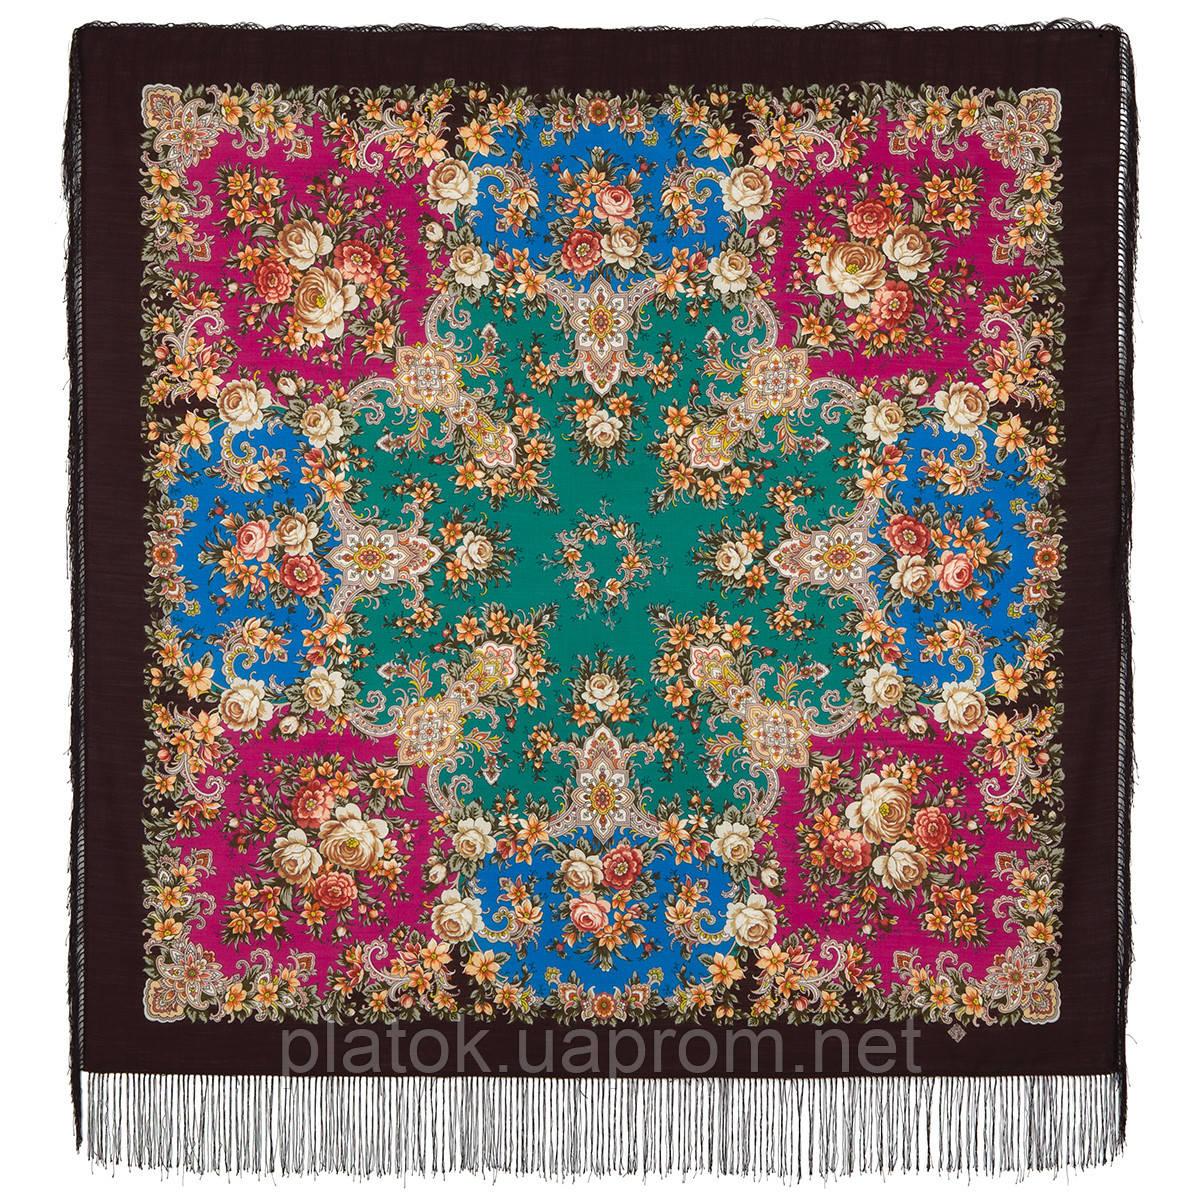 Услада 1726-17, павлопосадский платок шерстяной с шелковой бахромой